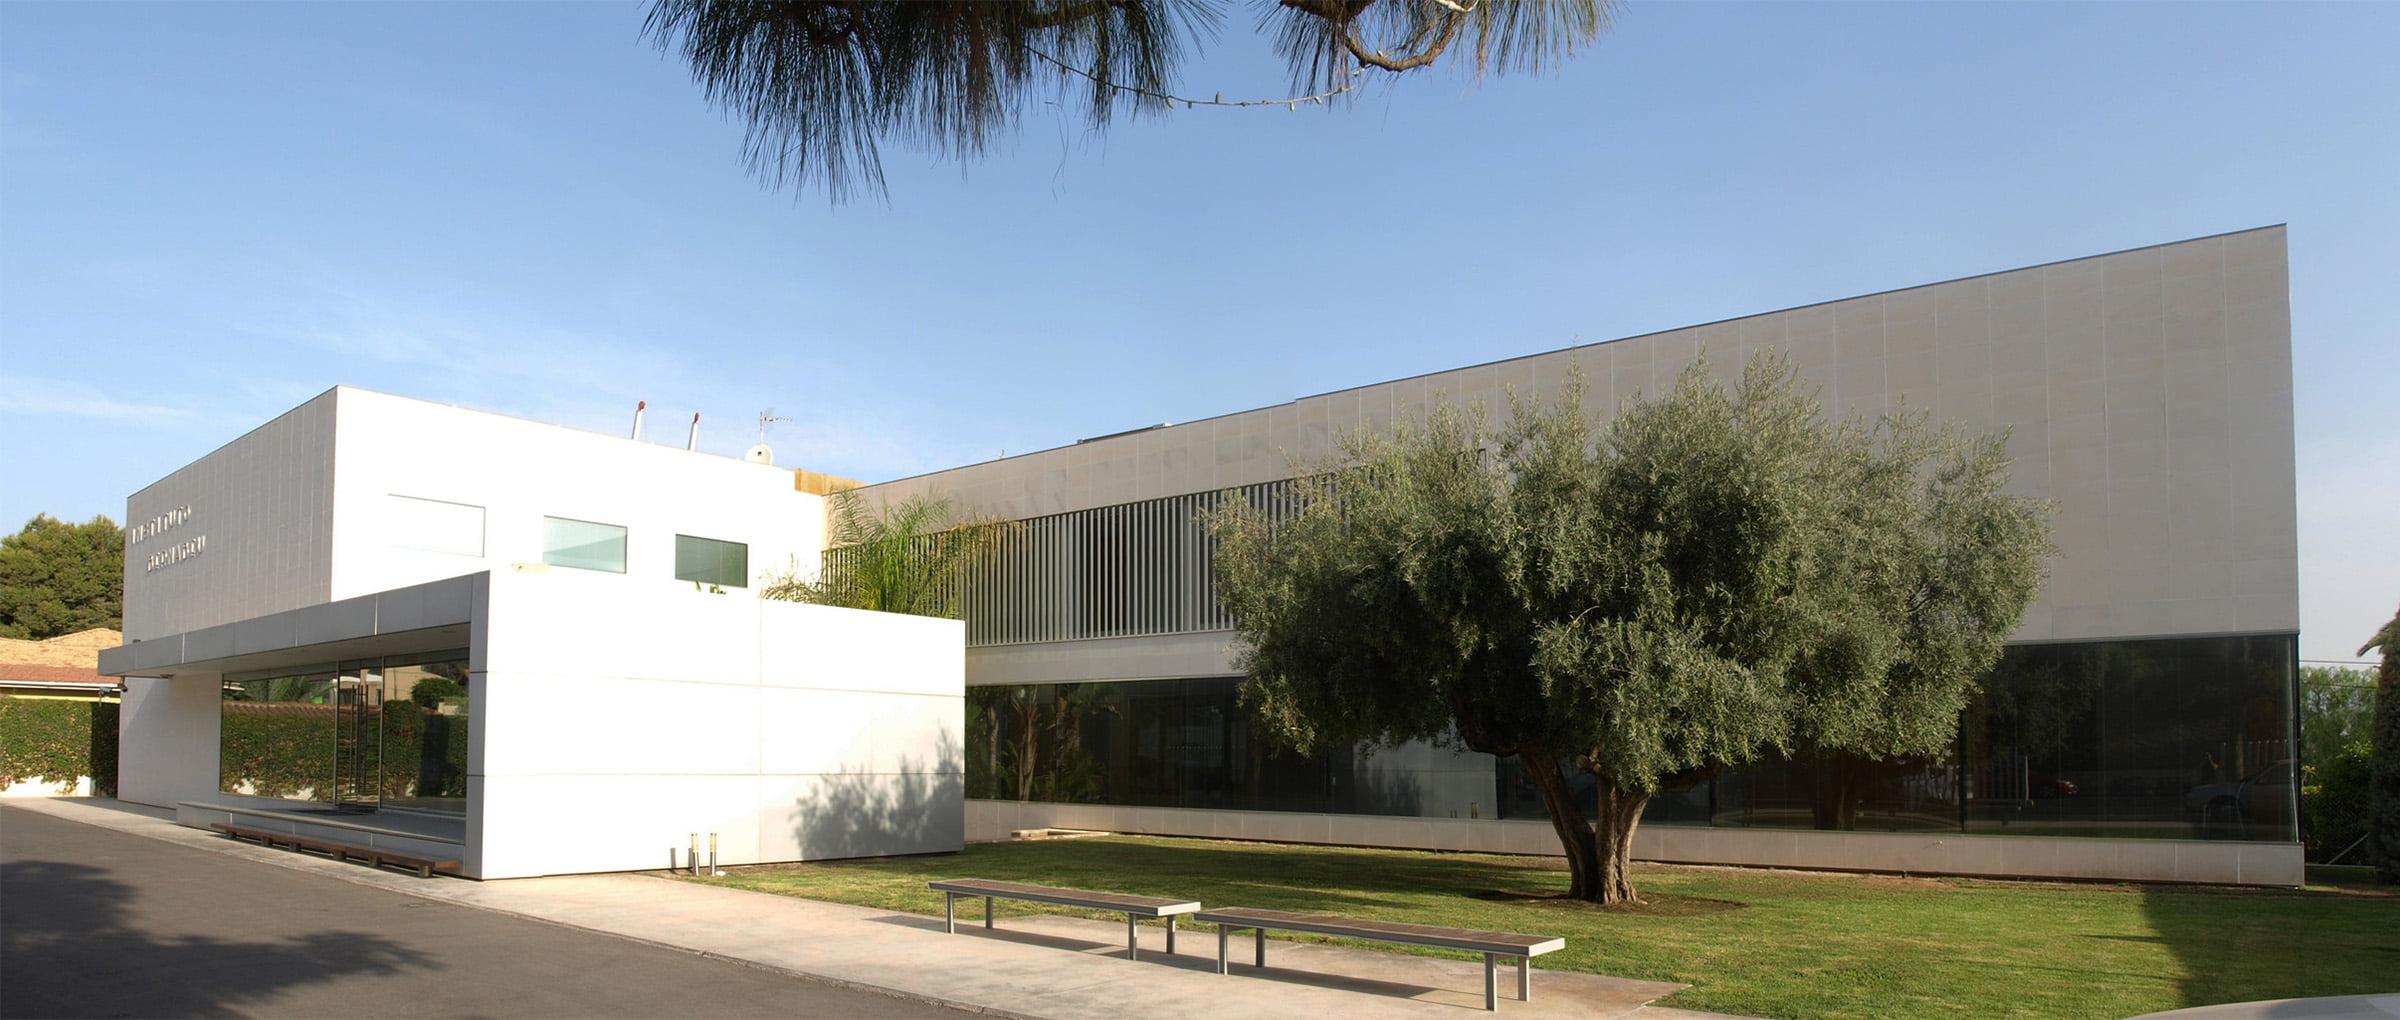 Instituto-Bernabeu-building